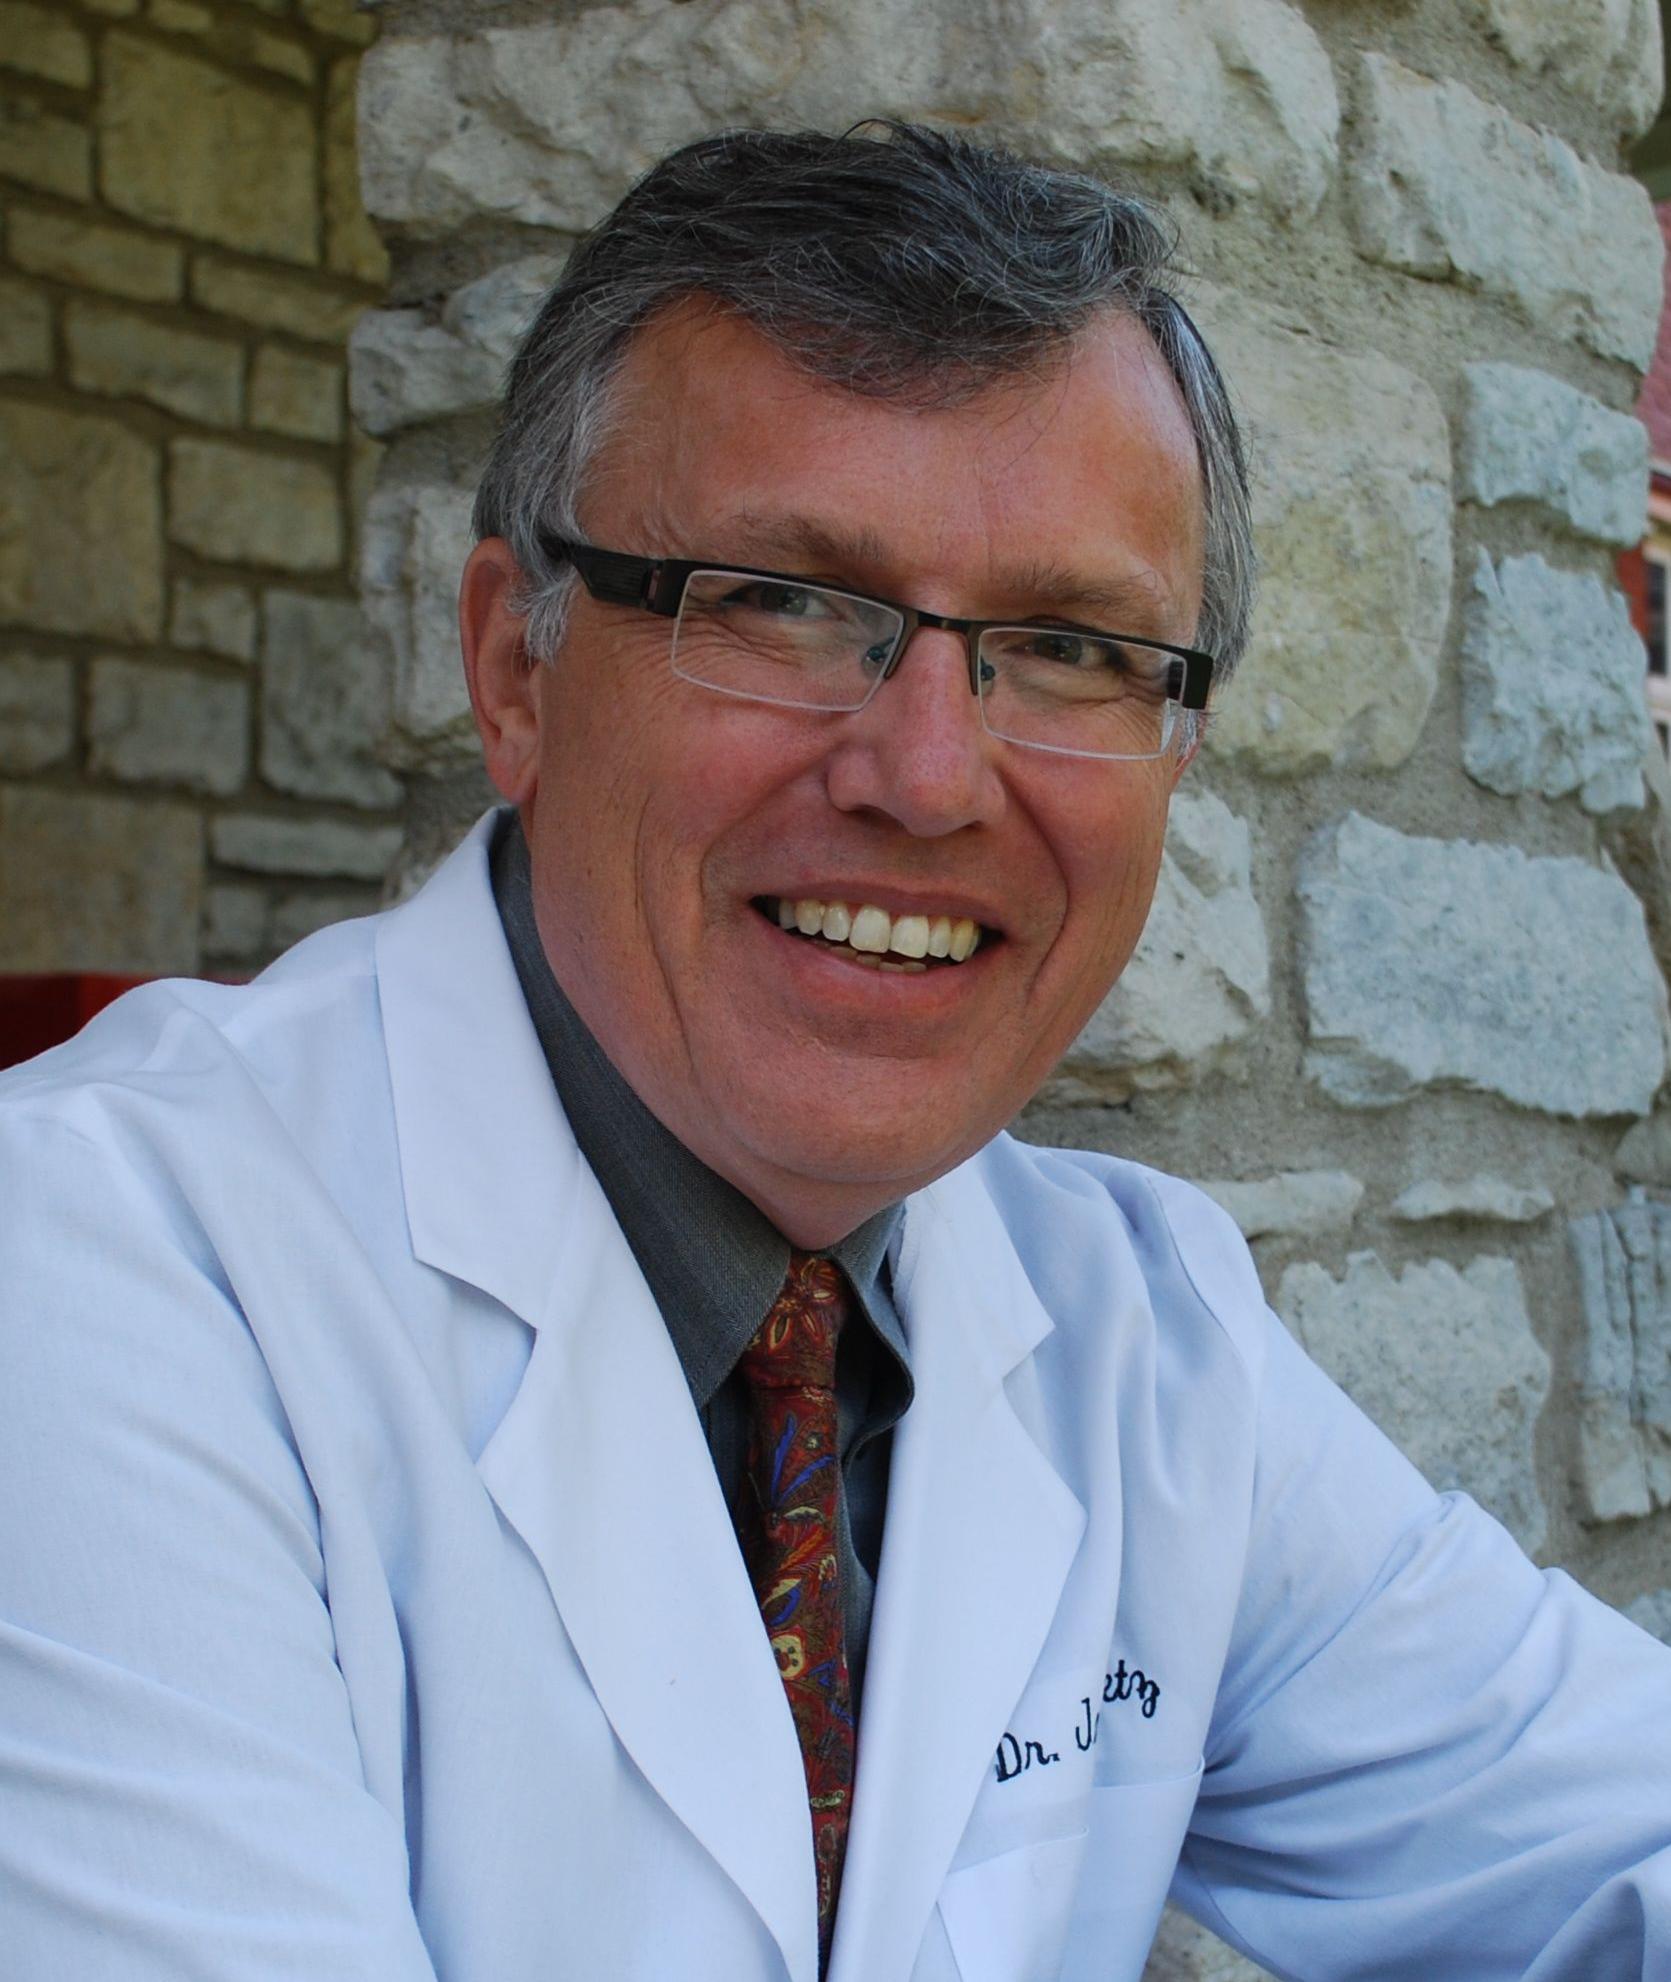 Dr. James Metz